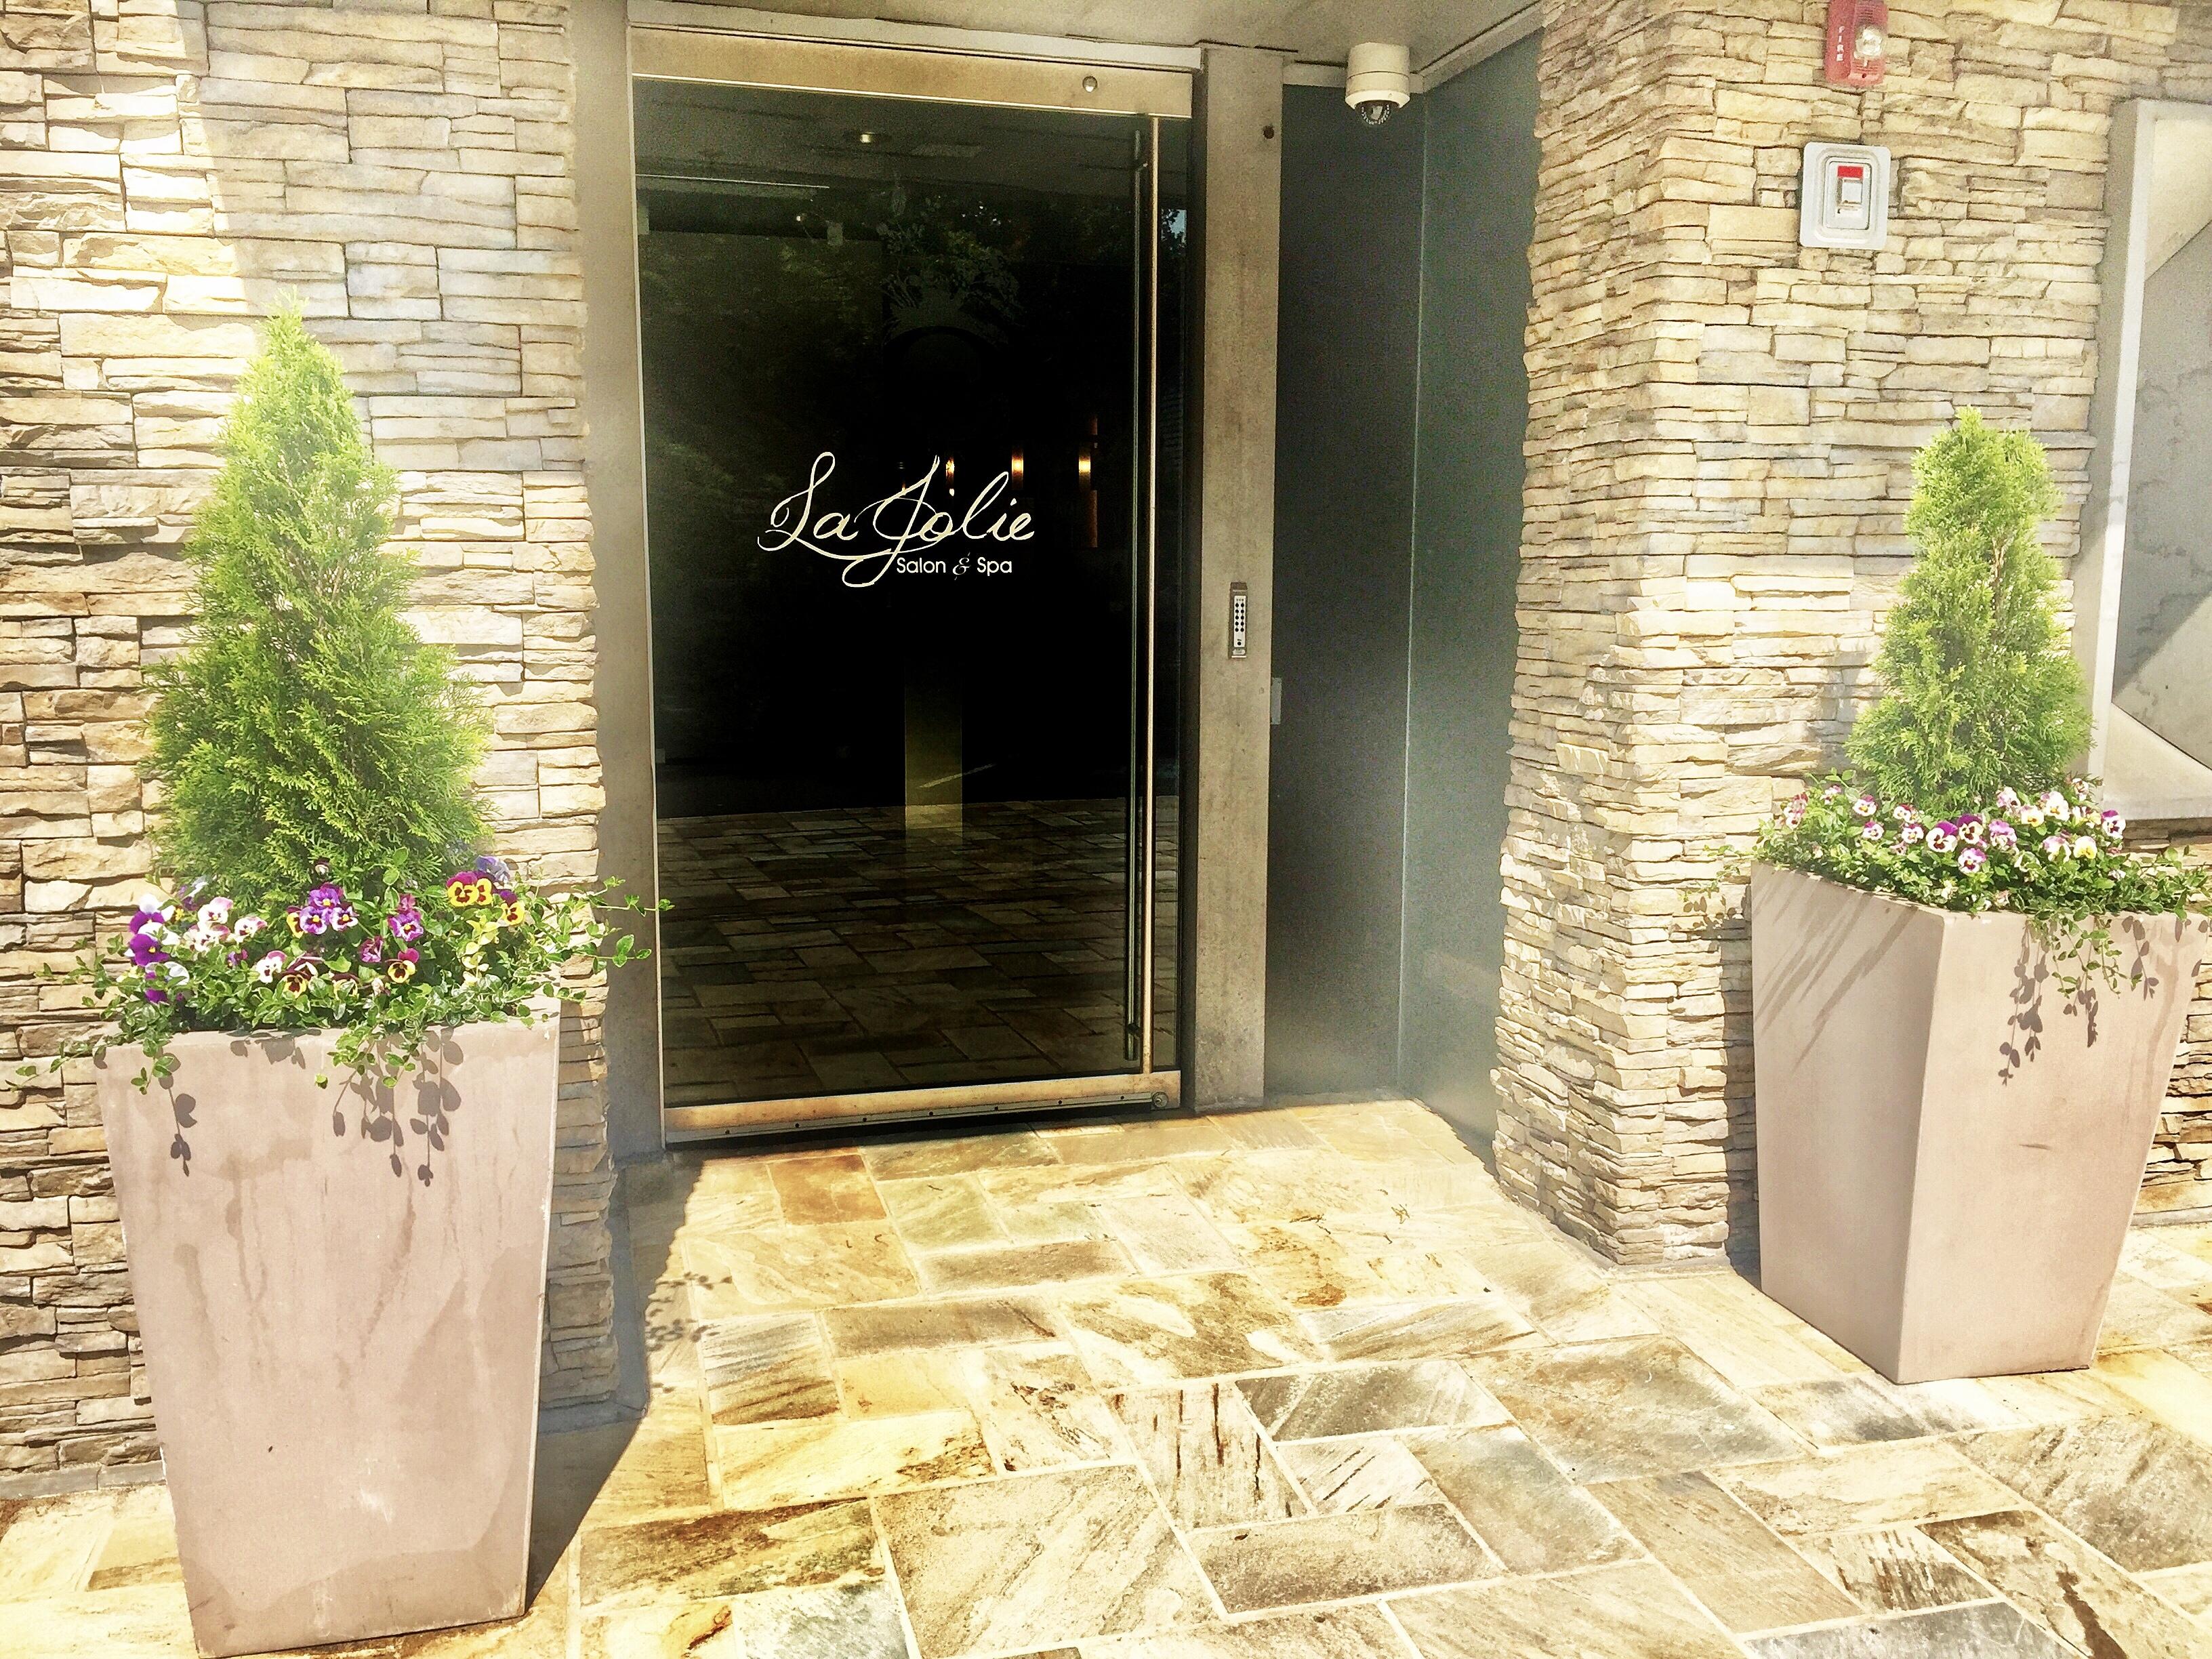 La Jolie Salon & Spa | ABOUT US